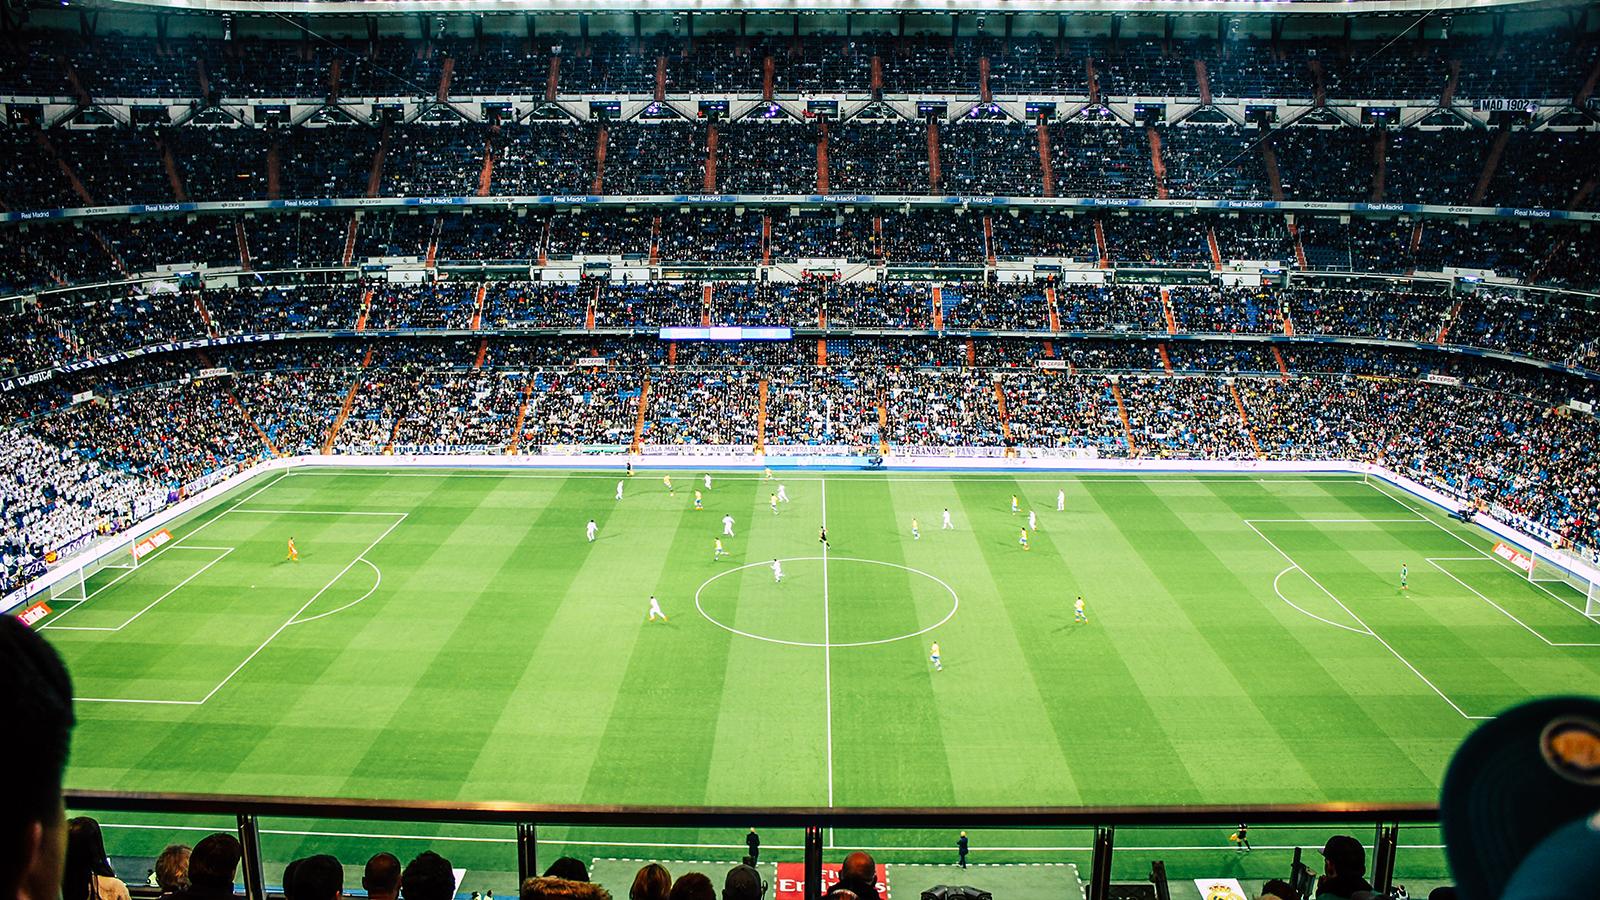 【きょうのスポーツ】メッシが今大会2点目をマークできるか?アルゼンチンが難敵・パラグアイと対戦|サッカー